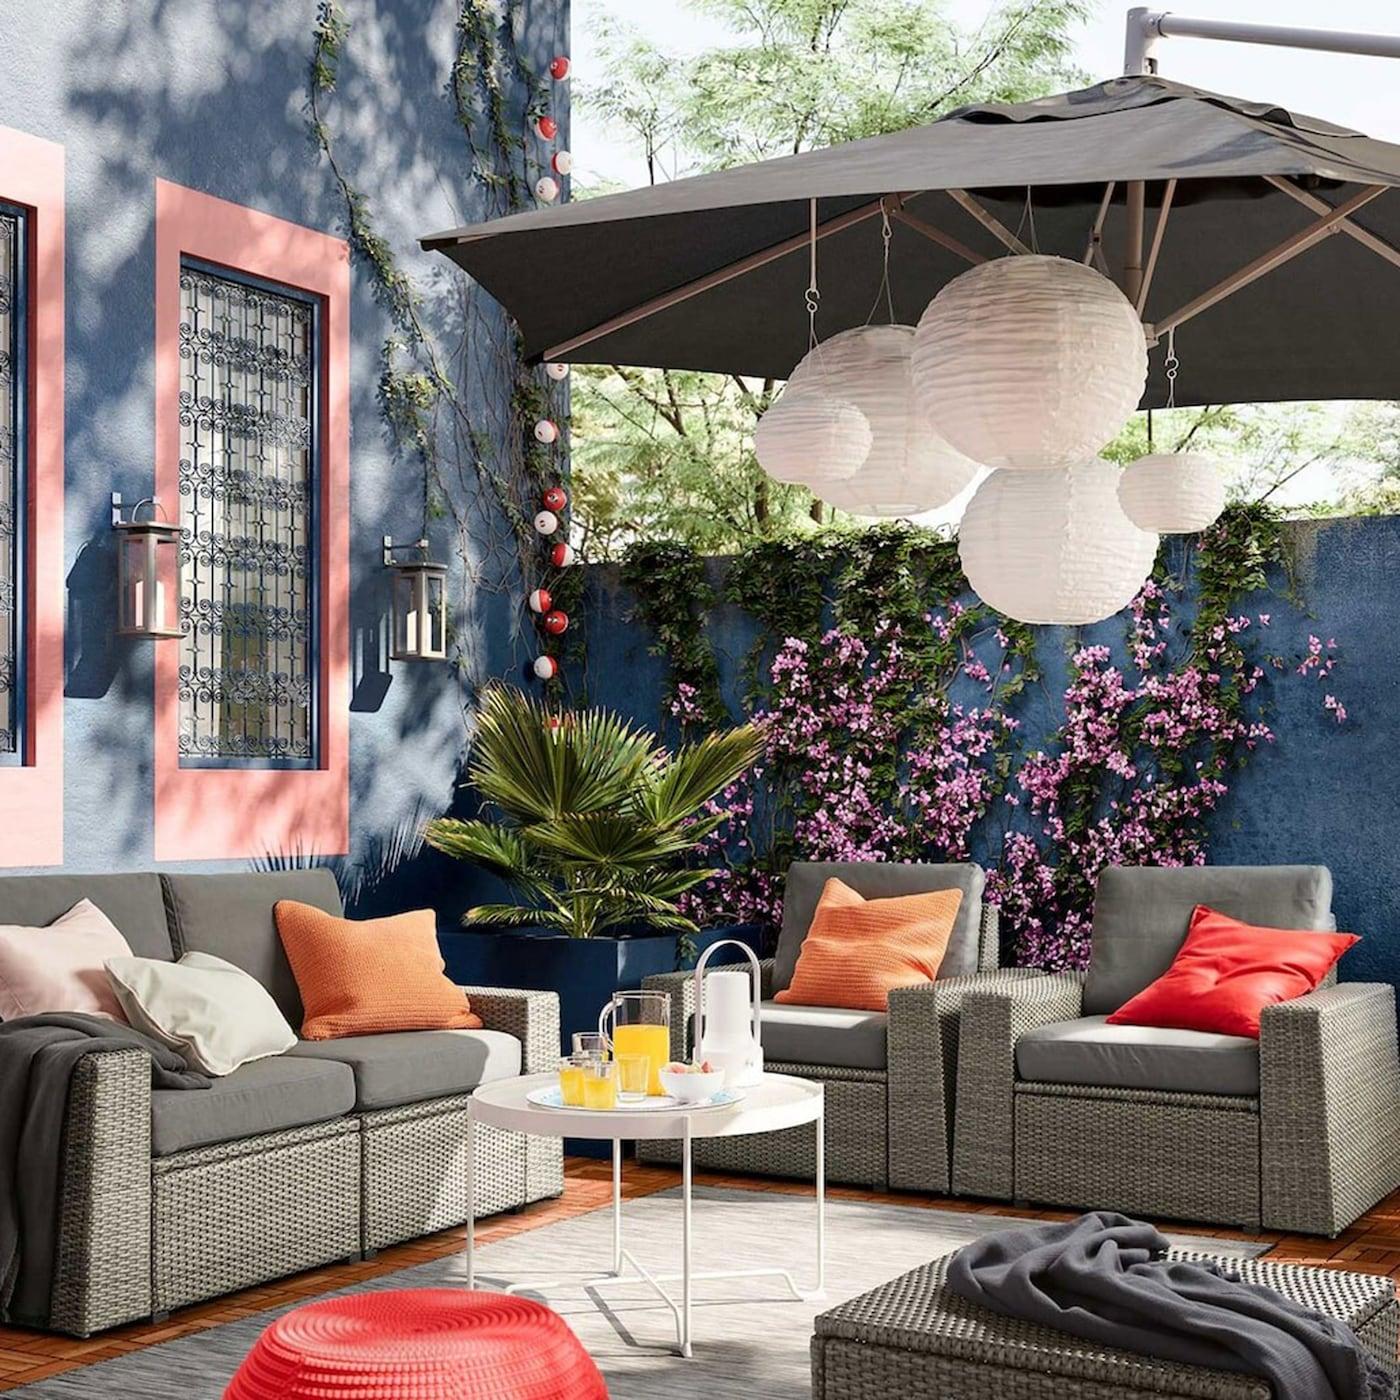 IKEA SOLLERÖN 2er-Sofa/aussen dunkelgrau/Frösön/Duvholmen dunkelgrau hat graue Bezüge, die sich abnehmen und waschen lassen. Kombiniere einfach so viele Elemente, wie du sie für deinen Aussenbereich benötigst.